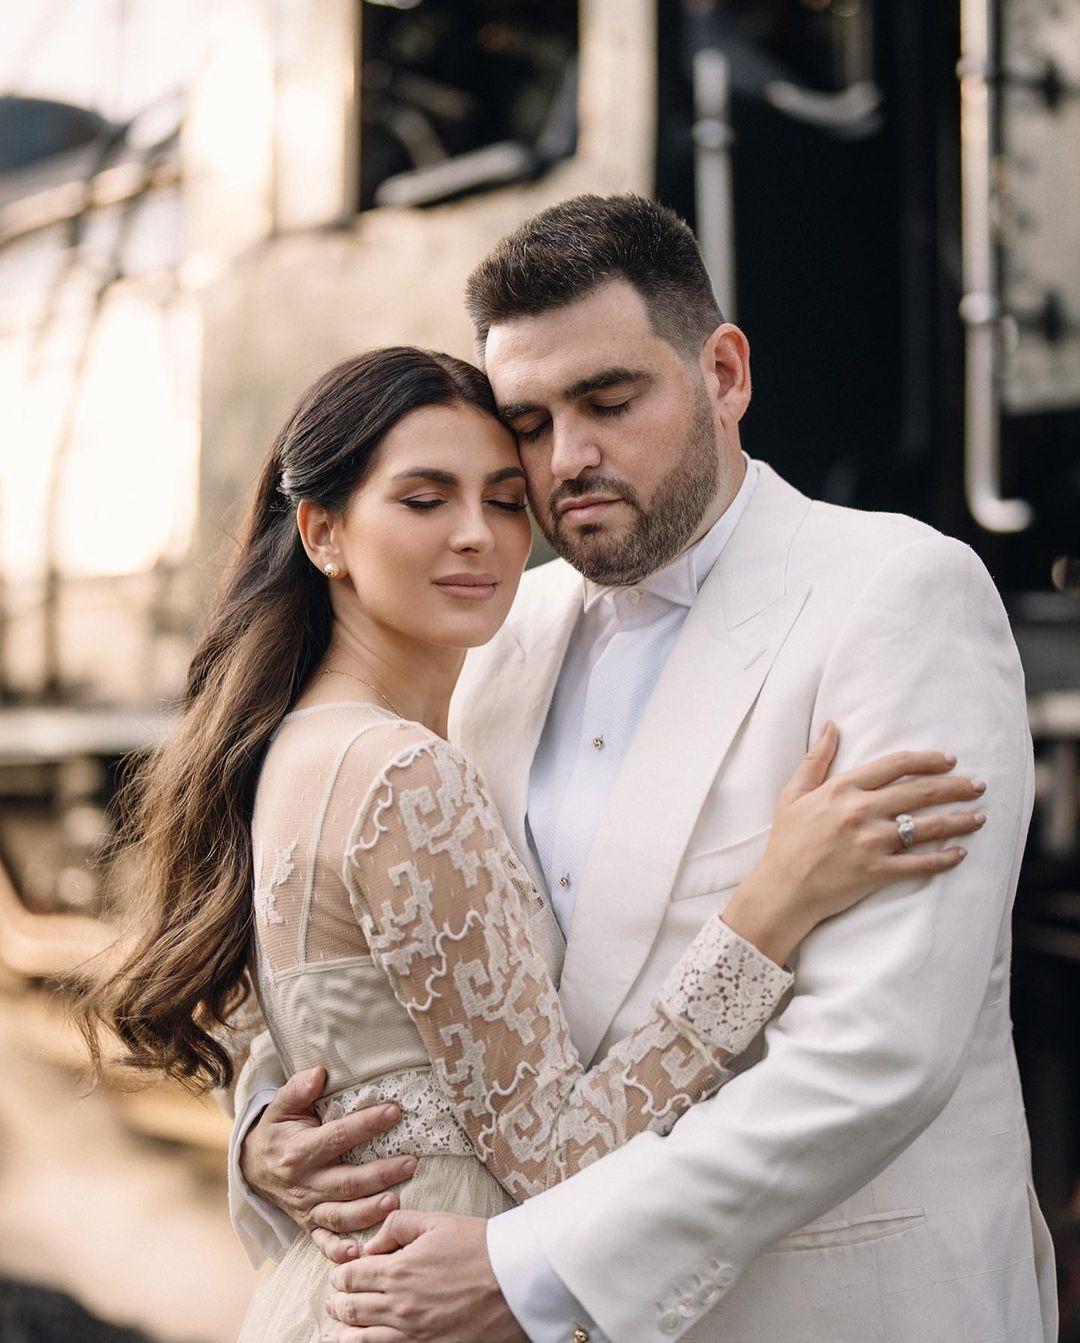 Украинский блогер Мария Солодар похвасталась самой дорогой свадьбой года (ФОТО) - фото №3